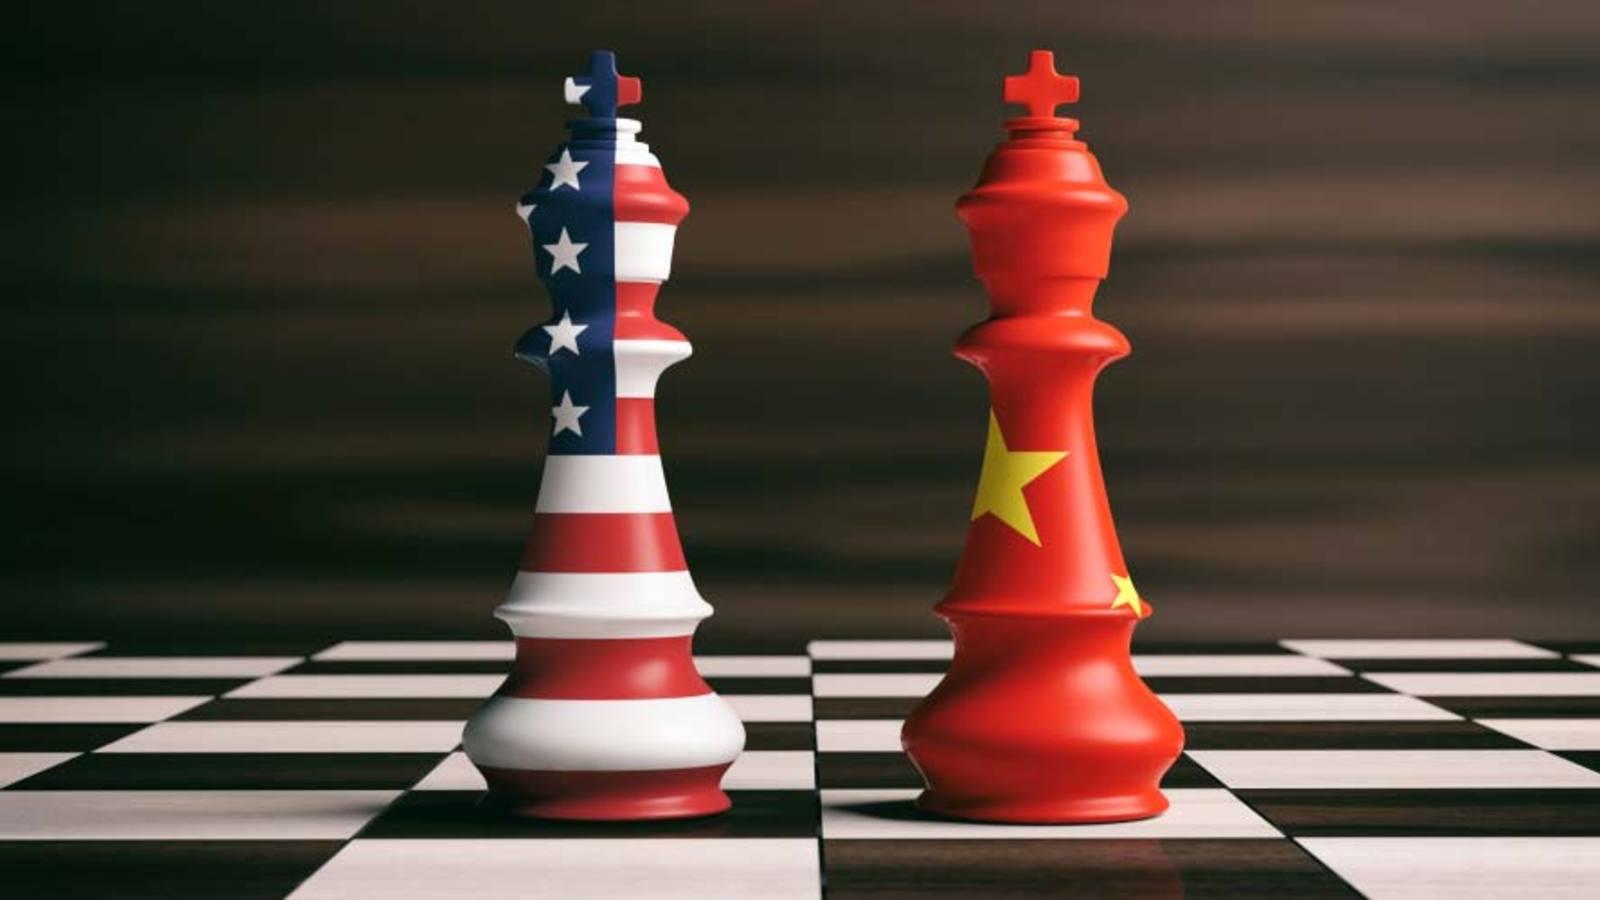 Die USA gegen China